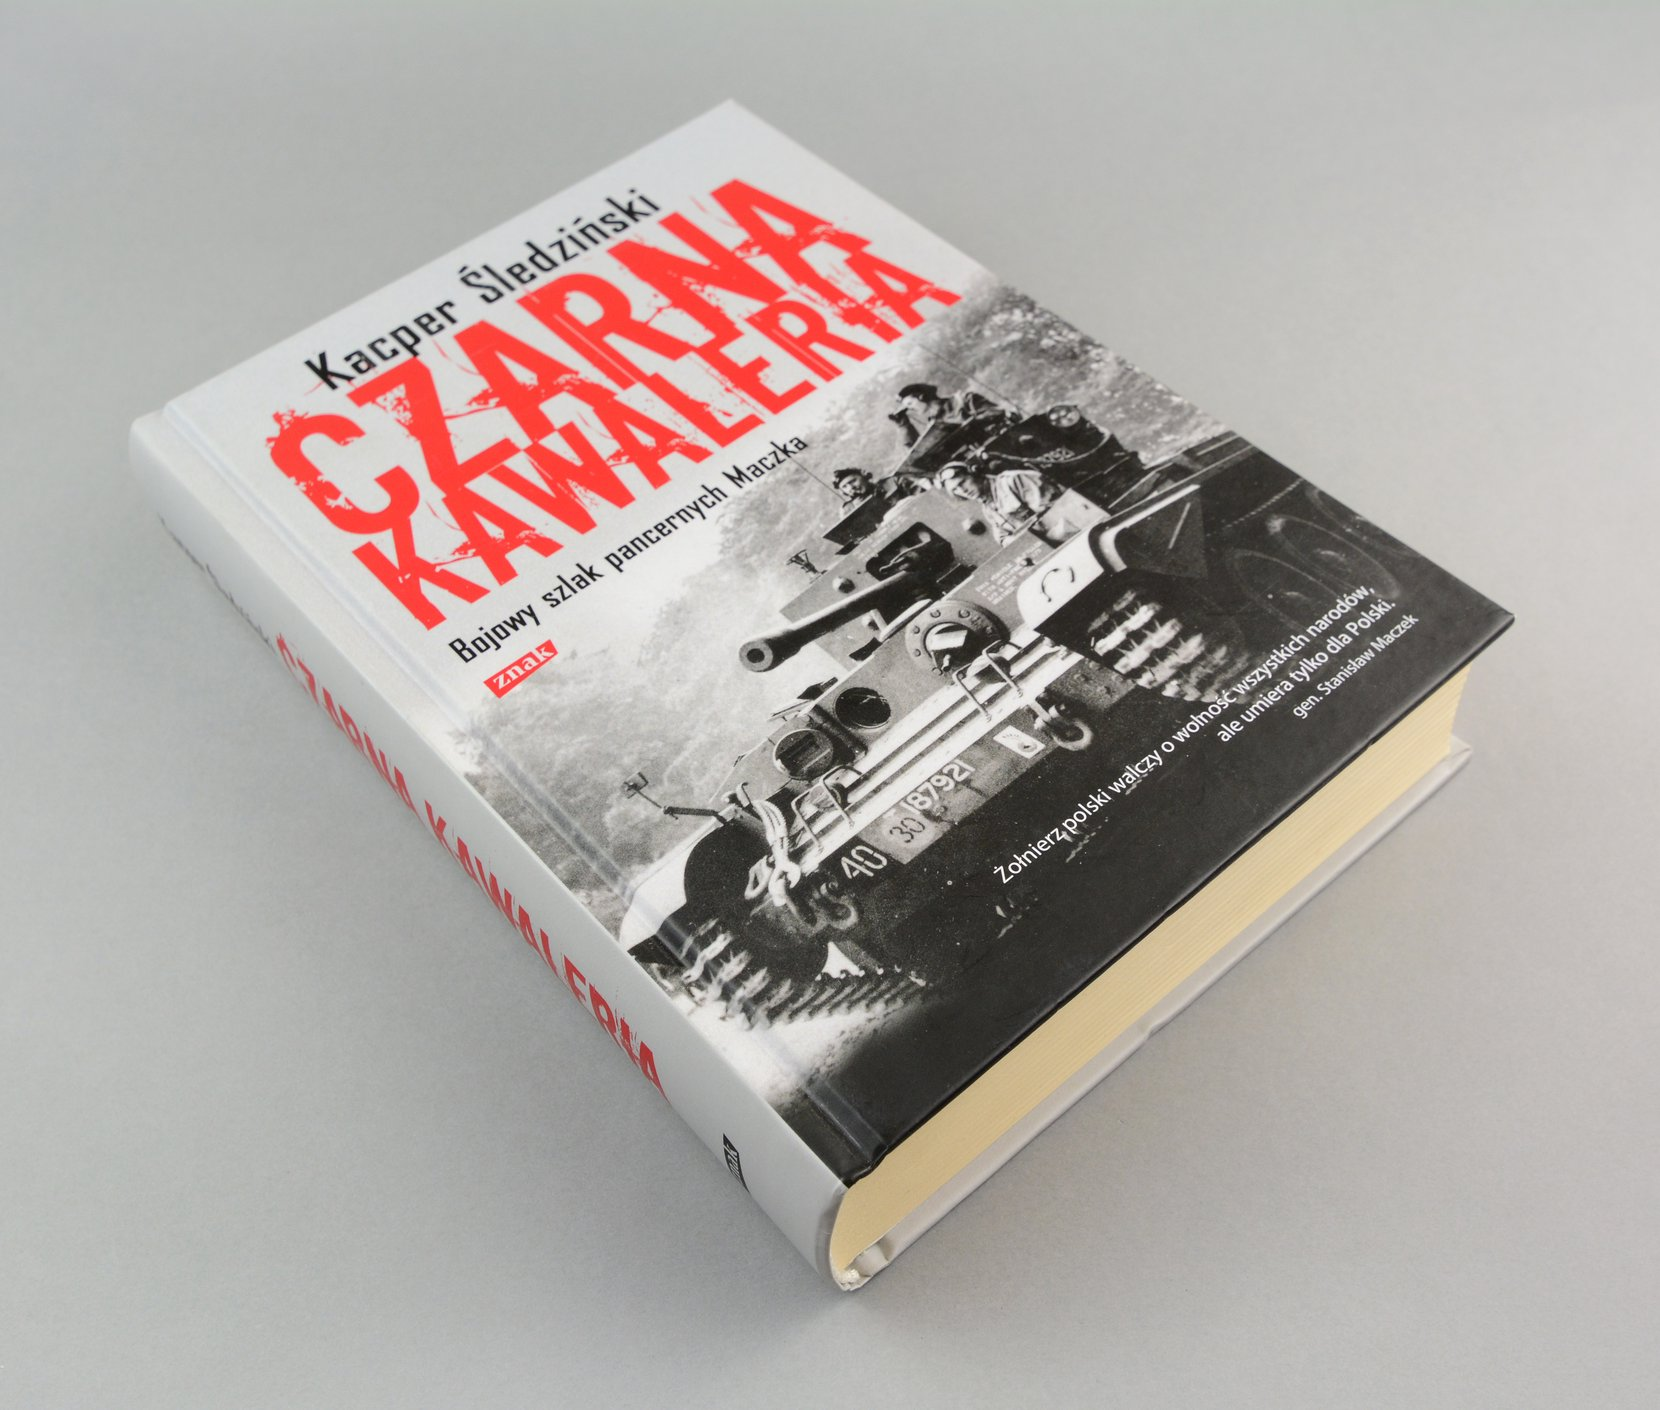 czarna kawaleria, bojowy szlak pancernych maczka, 2011 books political science Kacper Śledziński